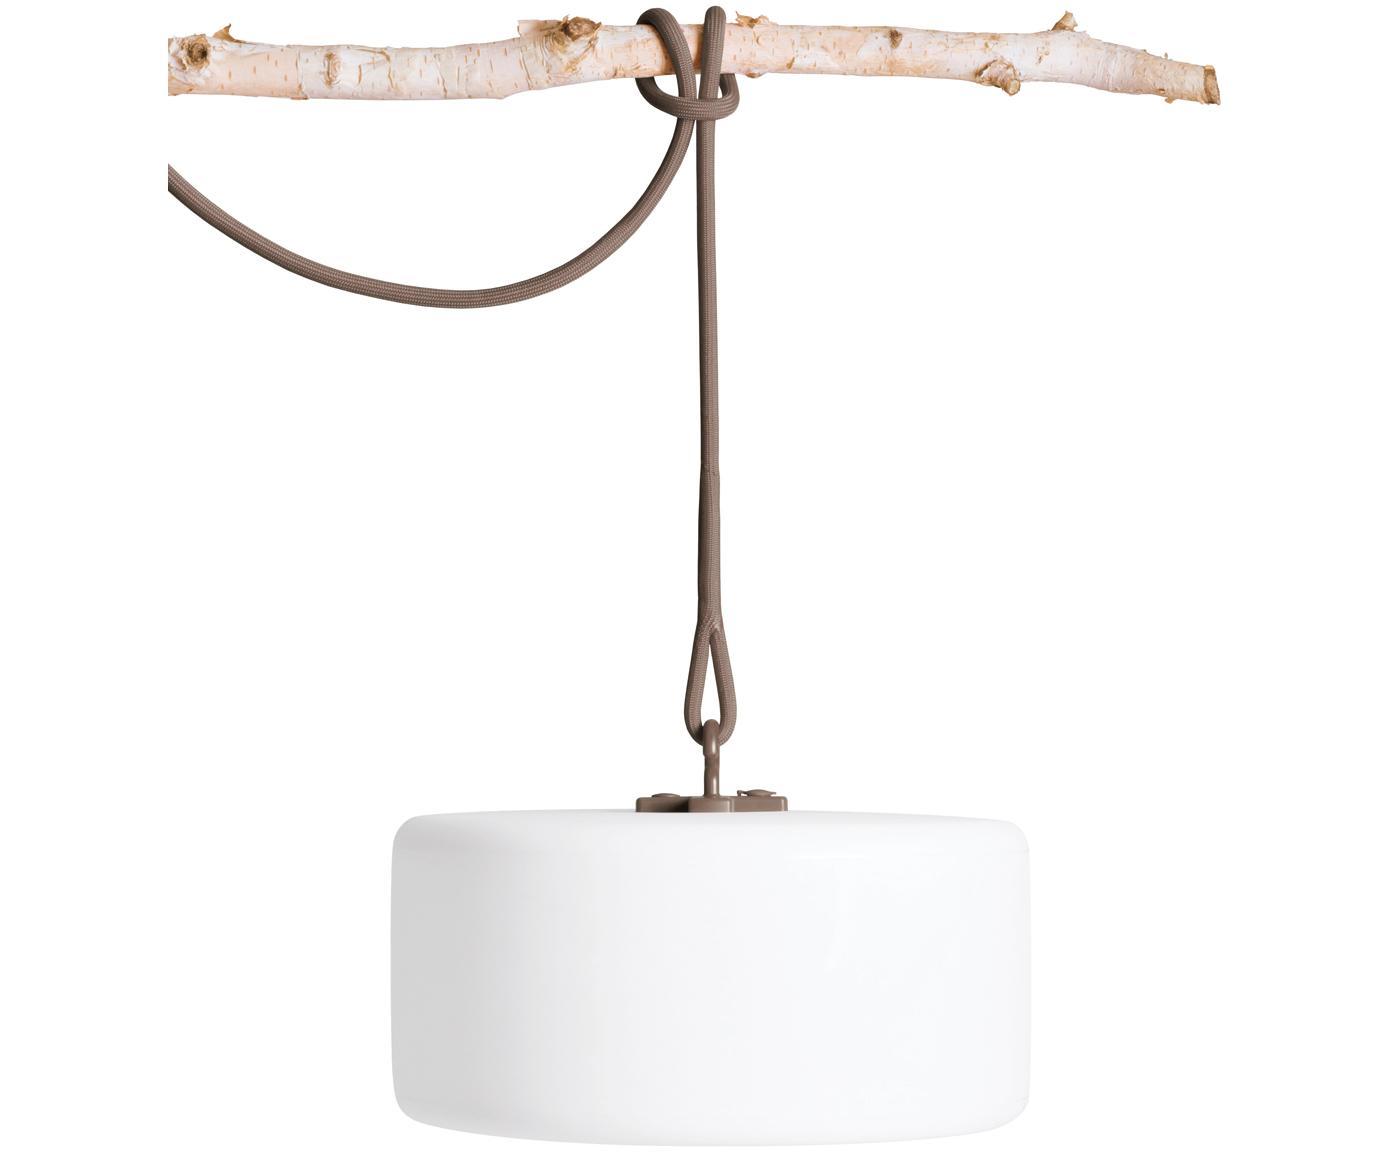 Mobile LED Außenleuchte Thierry, Weiß, Taupe, Ø 41 x H 21 cm